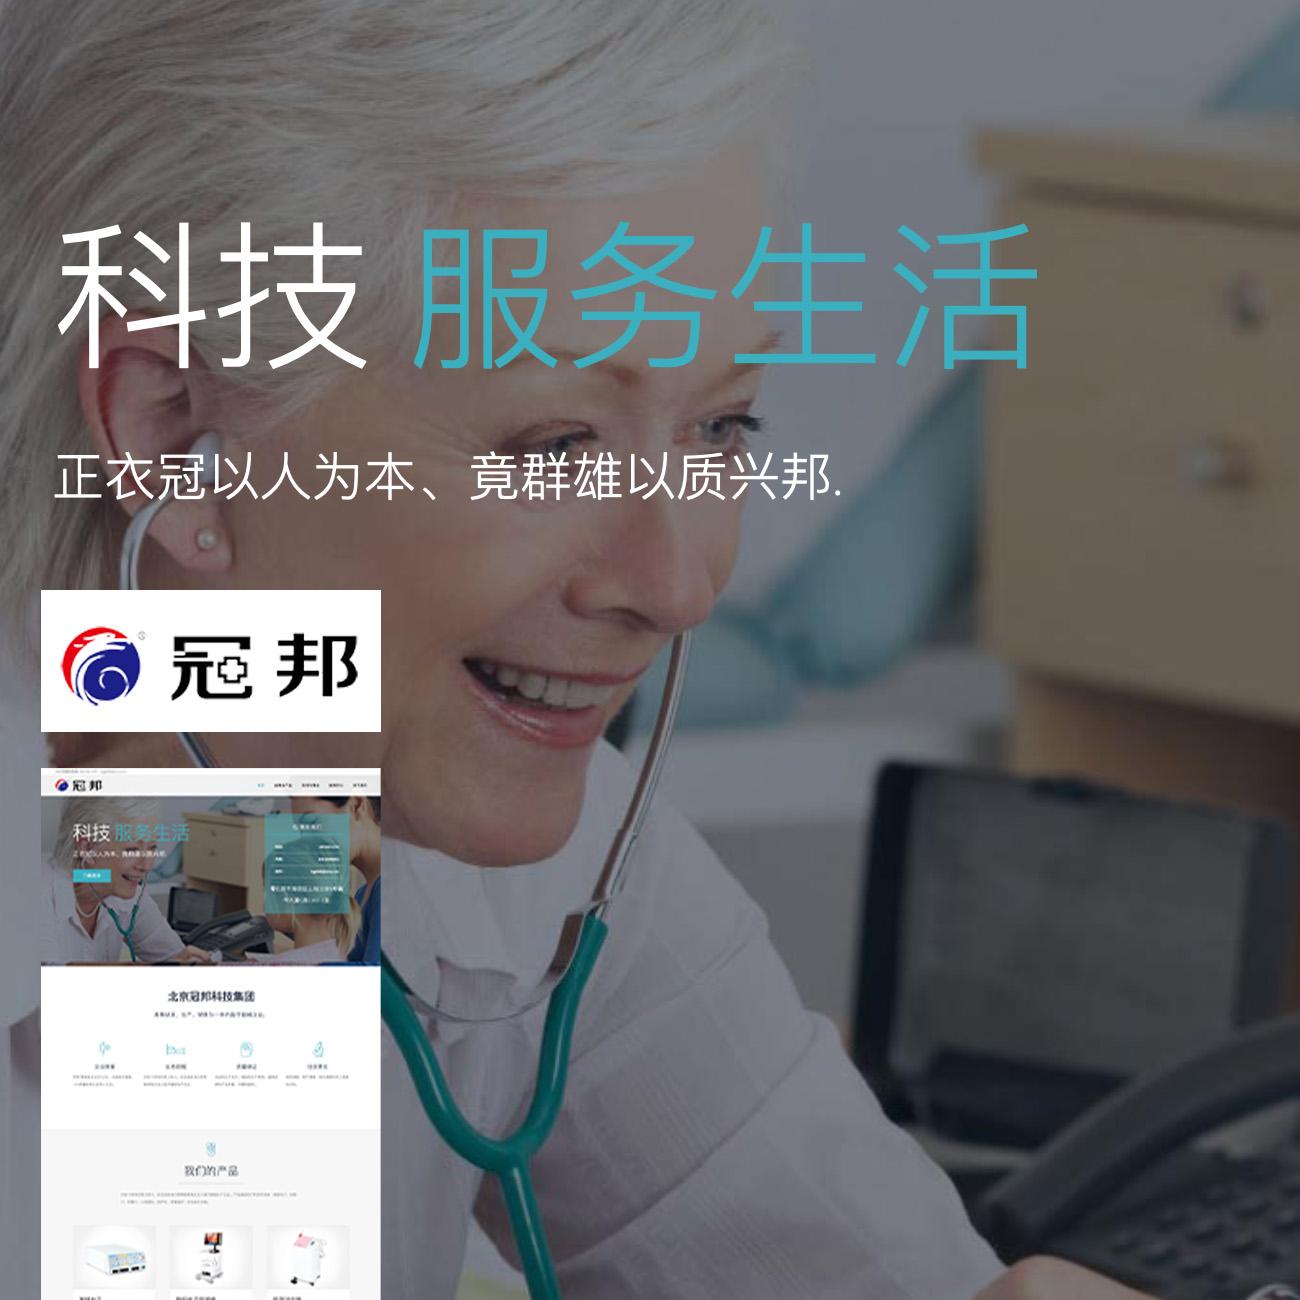 北京冠邦科技集团公司官网